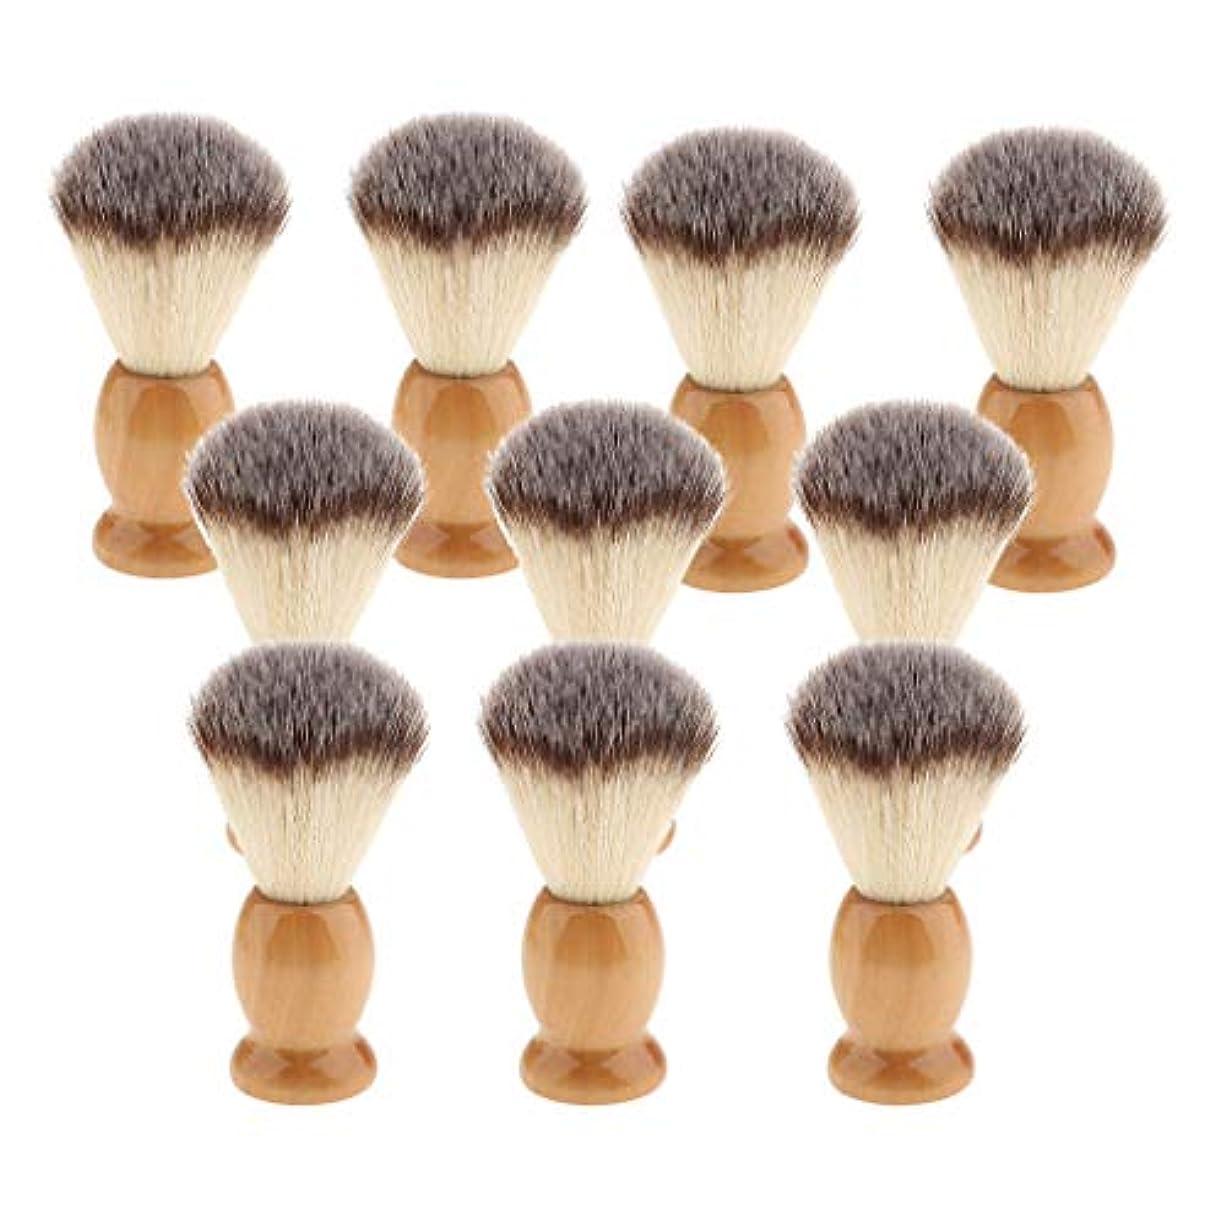 前投薬実り多い不信10個 シェービングブラシ 男性 ひげ 口ひげ グルーミング シェービングツール 髭剃り